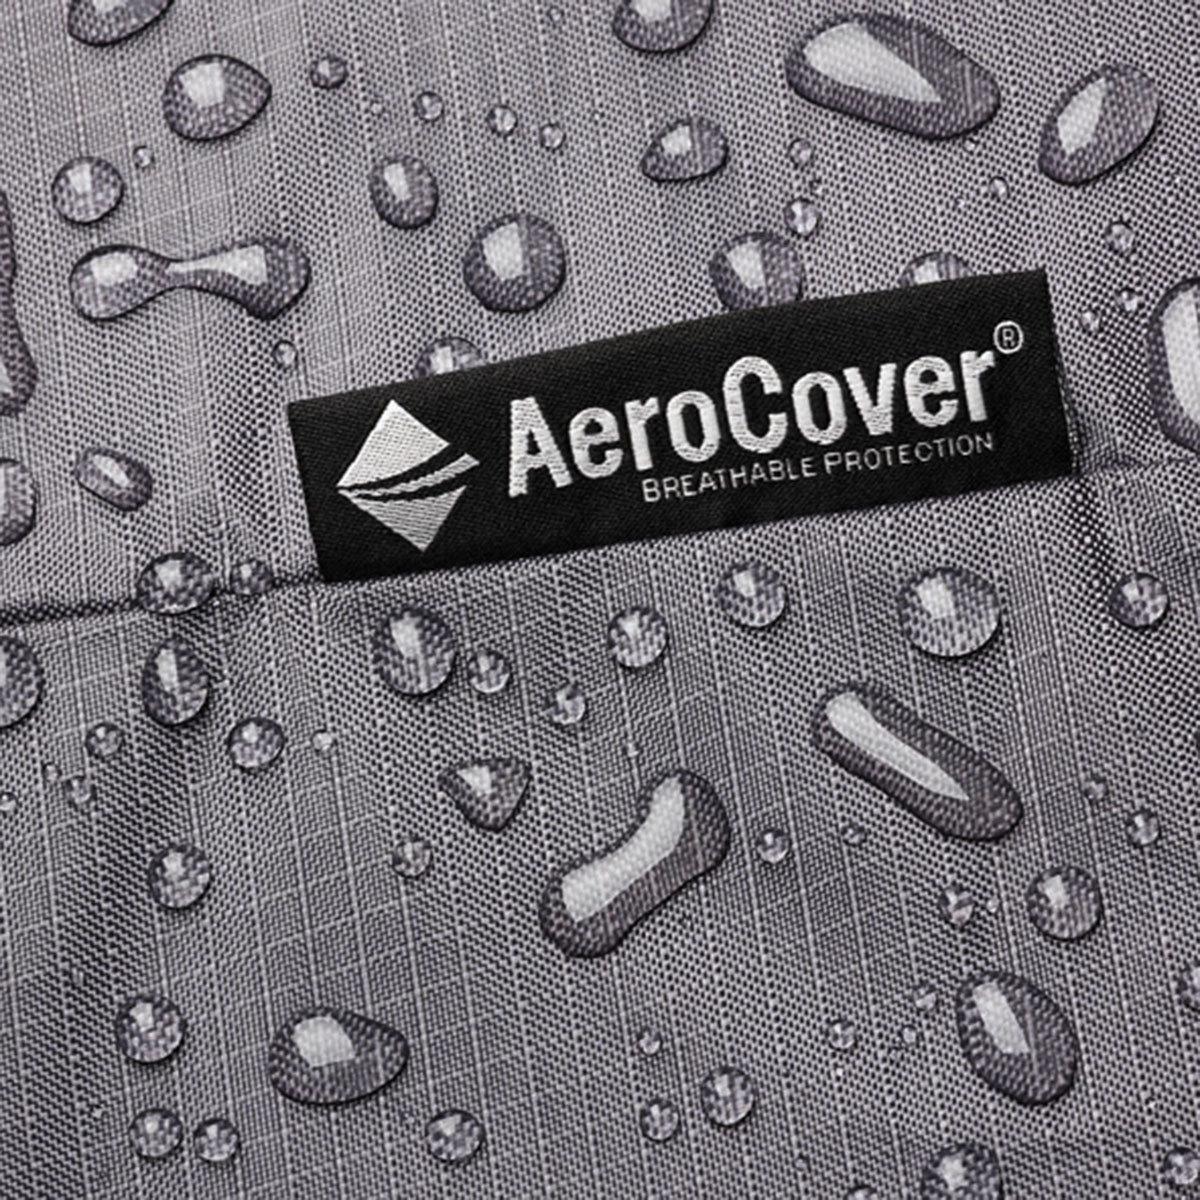 Schutzhülle AeroCover für Stockschirme bis Ø 3 m | #3